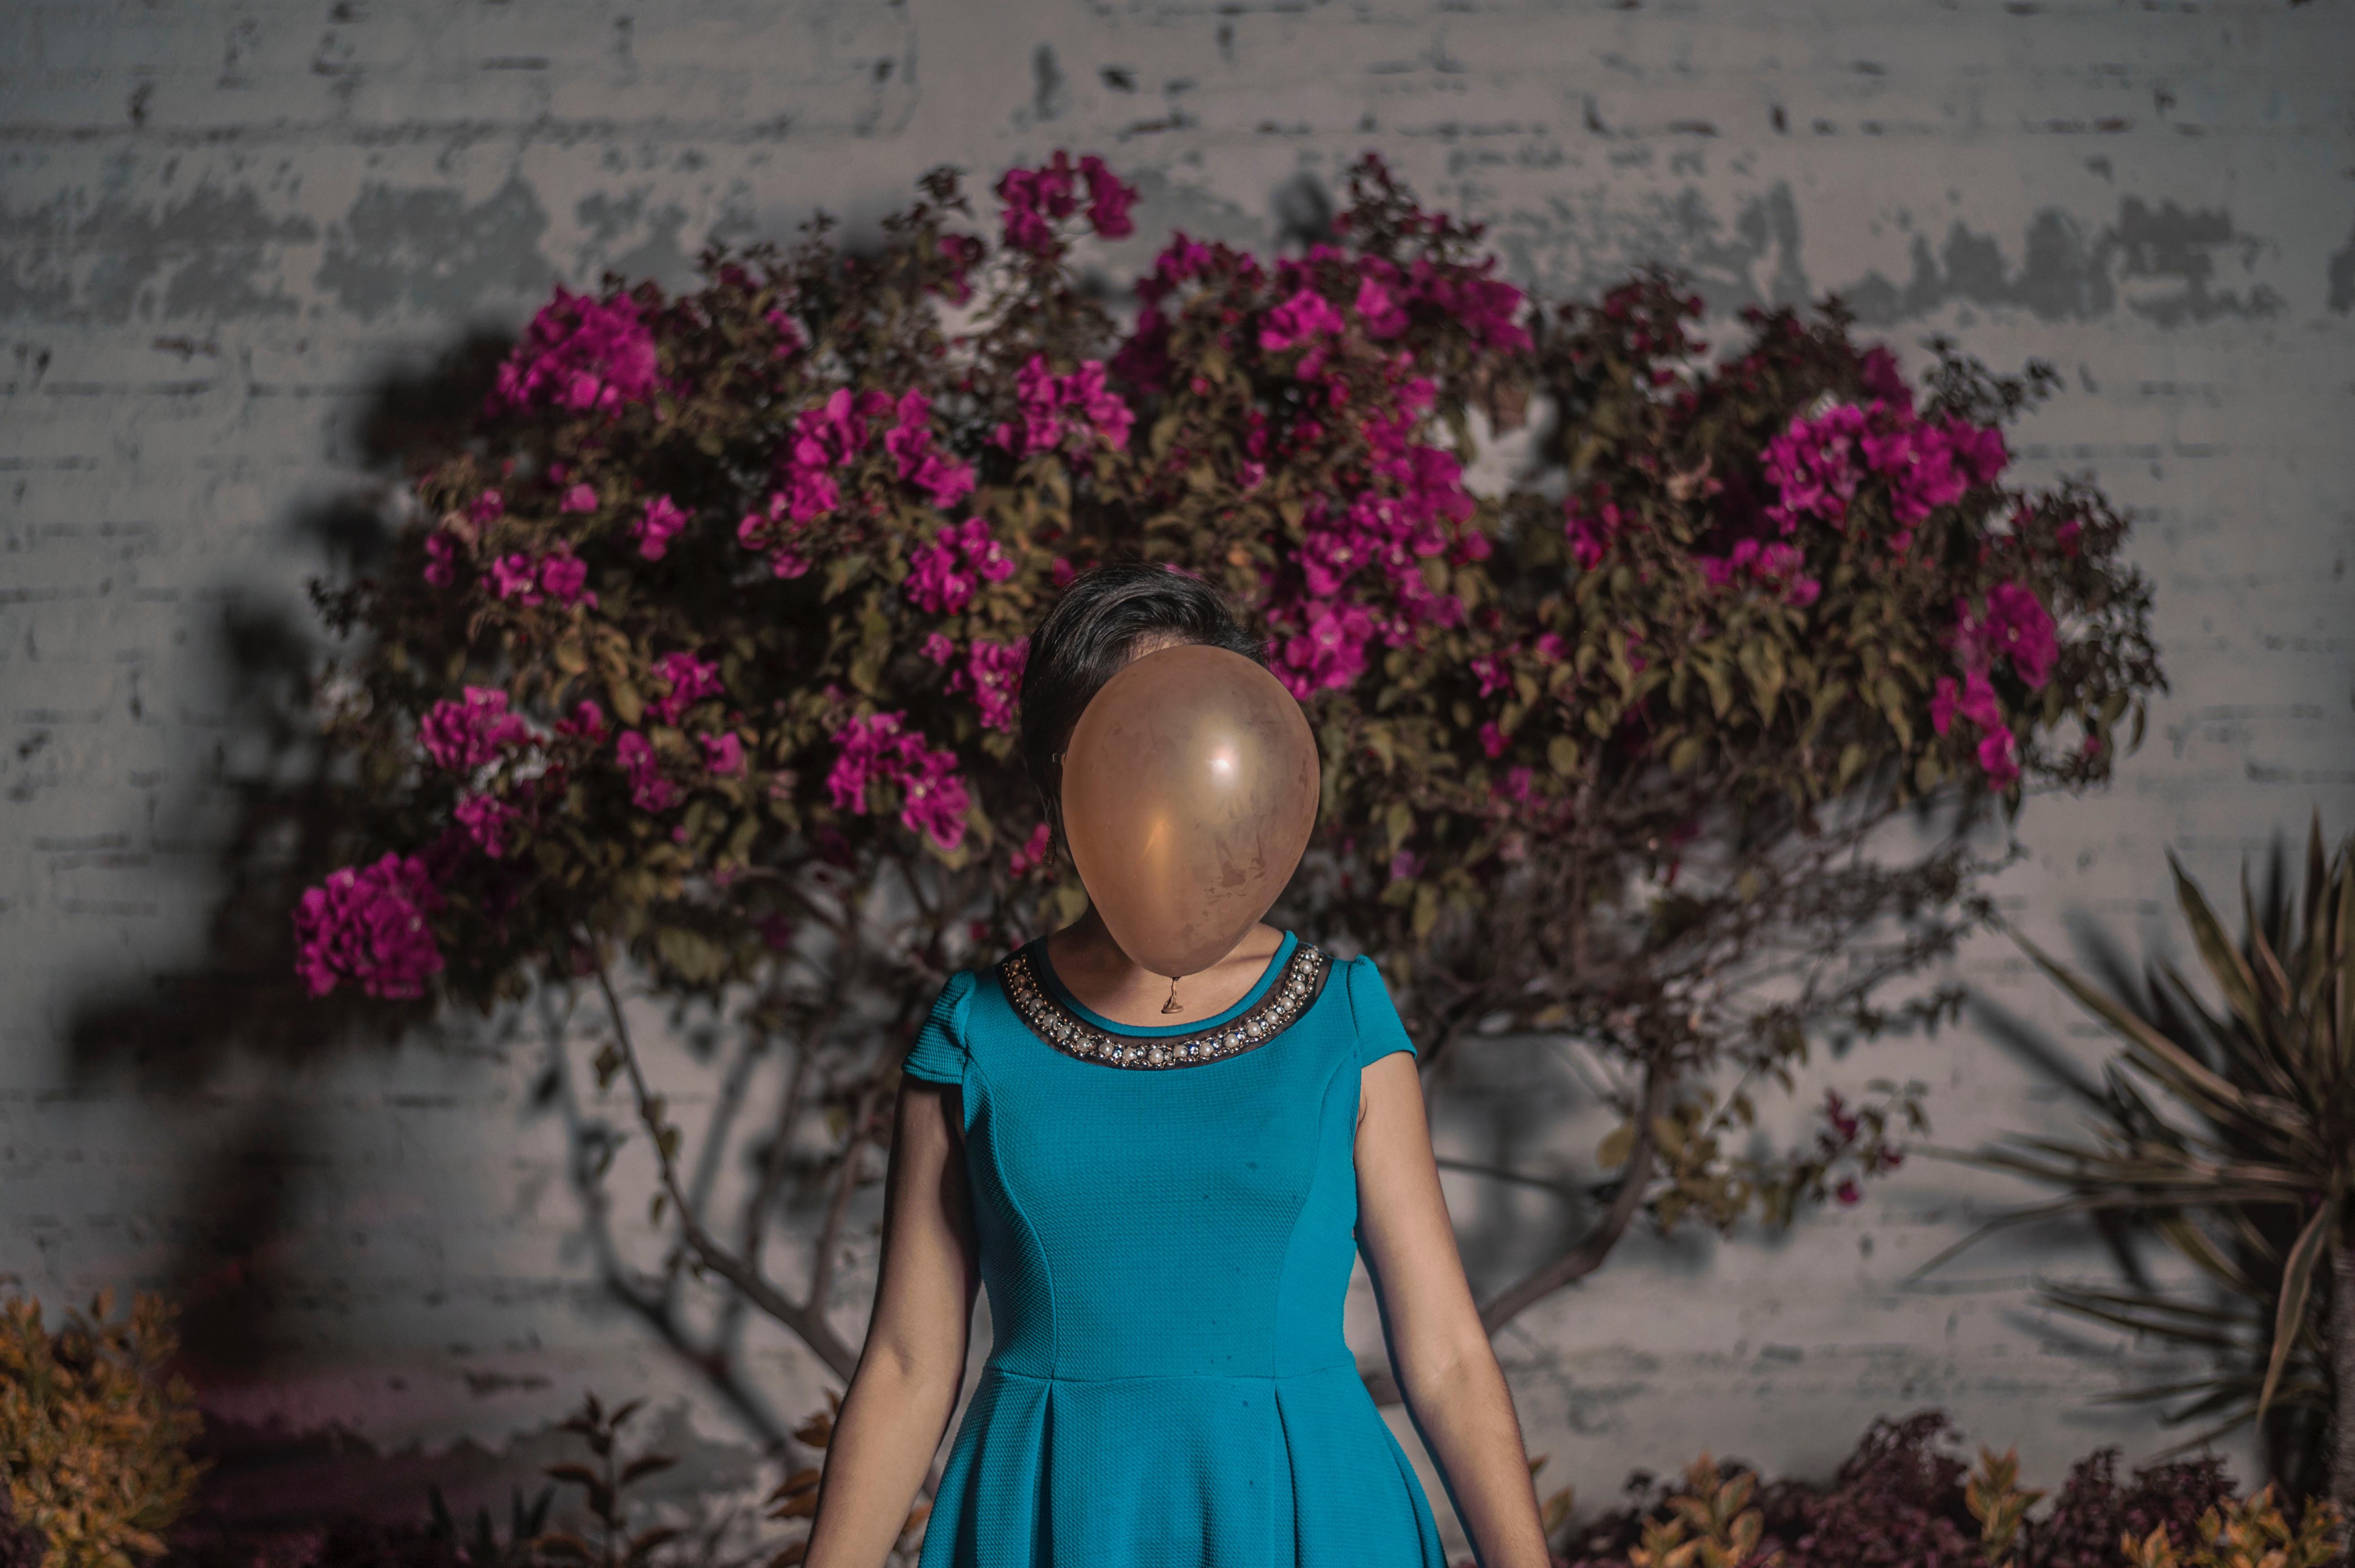 در نکوهش برخی رفتارهای اجتماعی - روز چهارم:هویت واقعی ، هویت مجازی